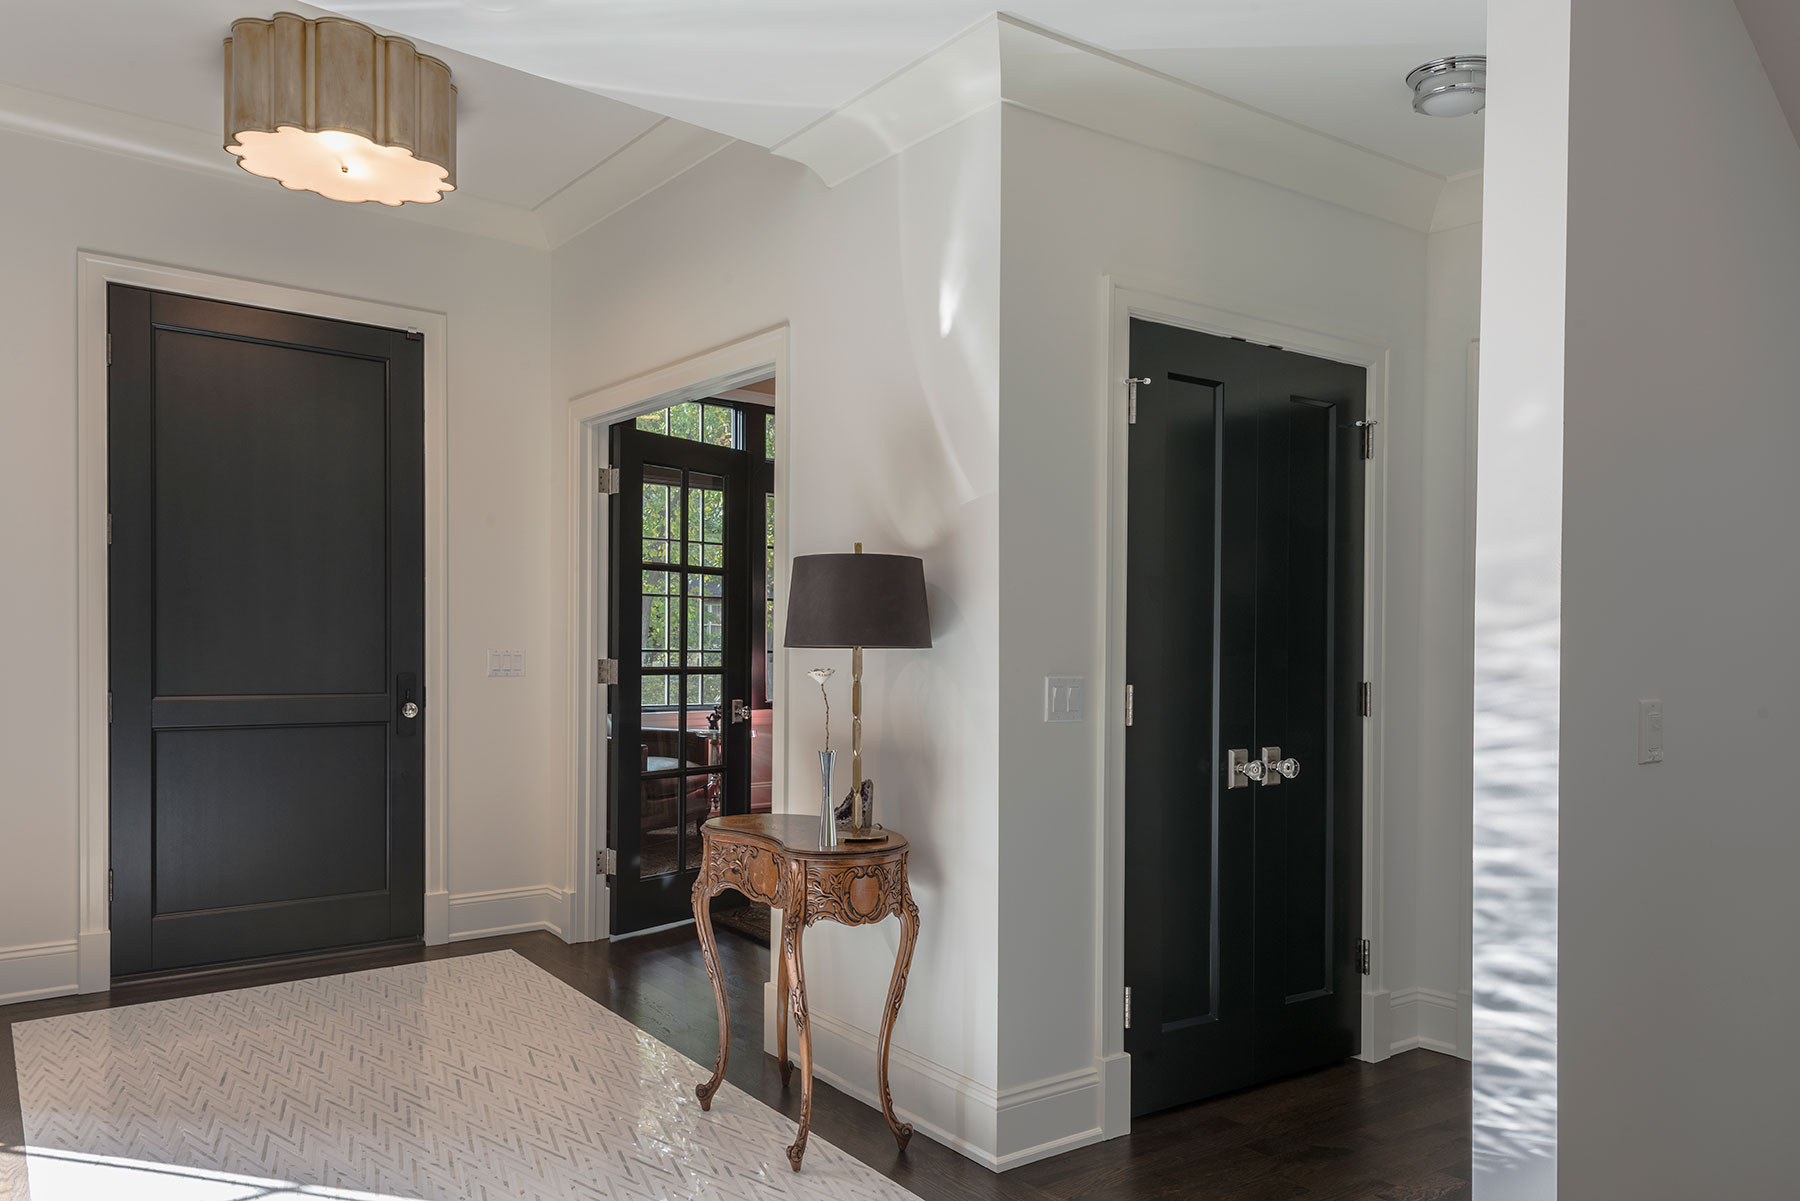 Custom Wood Interior Doors | Custom Mahogany Single Panel Closet Double Door DB-201PW - Glenview Doors - Custom Doors in Chicago